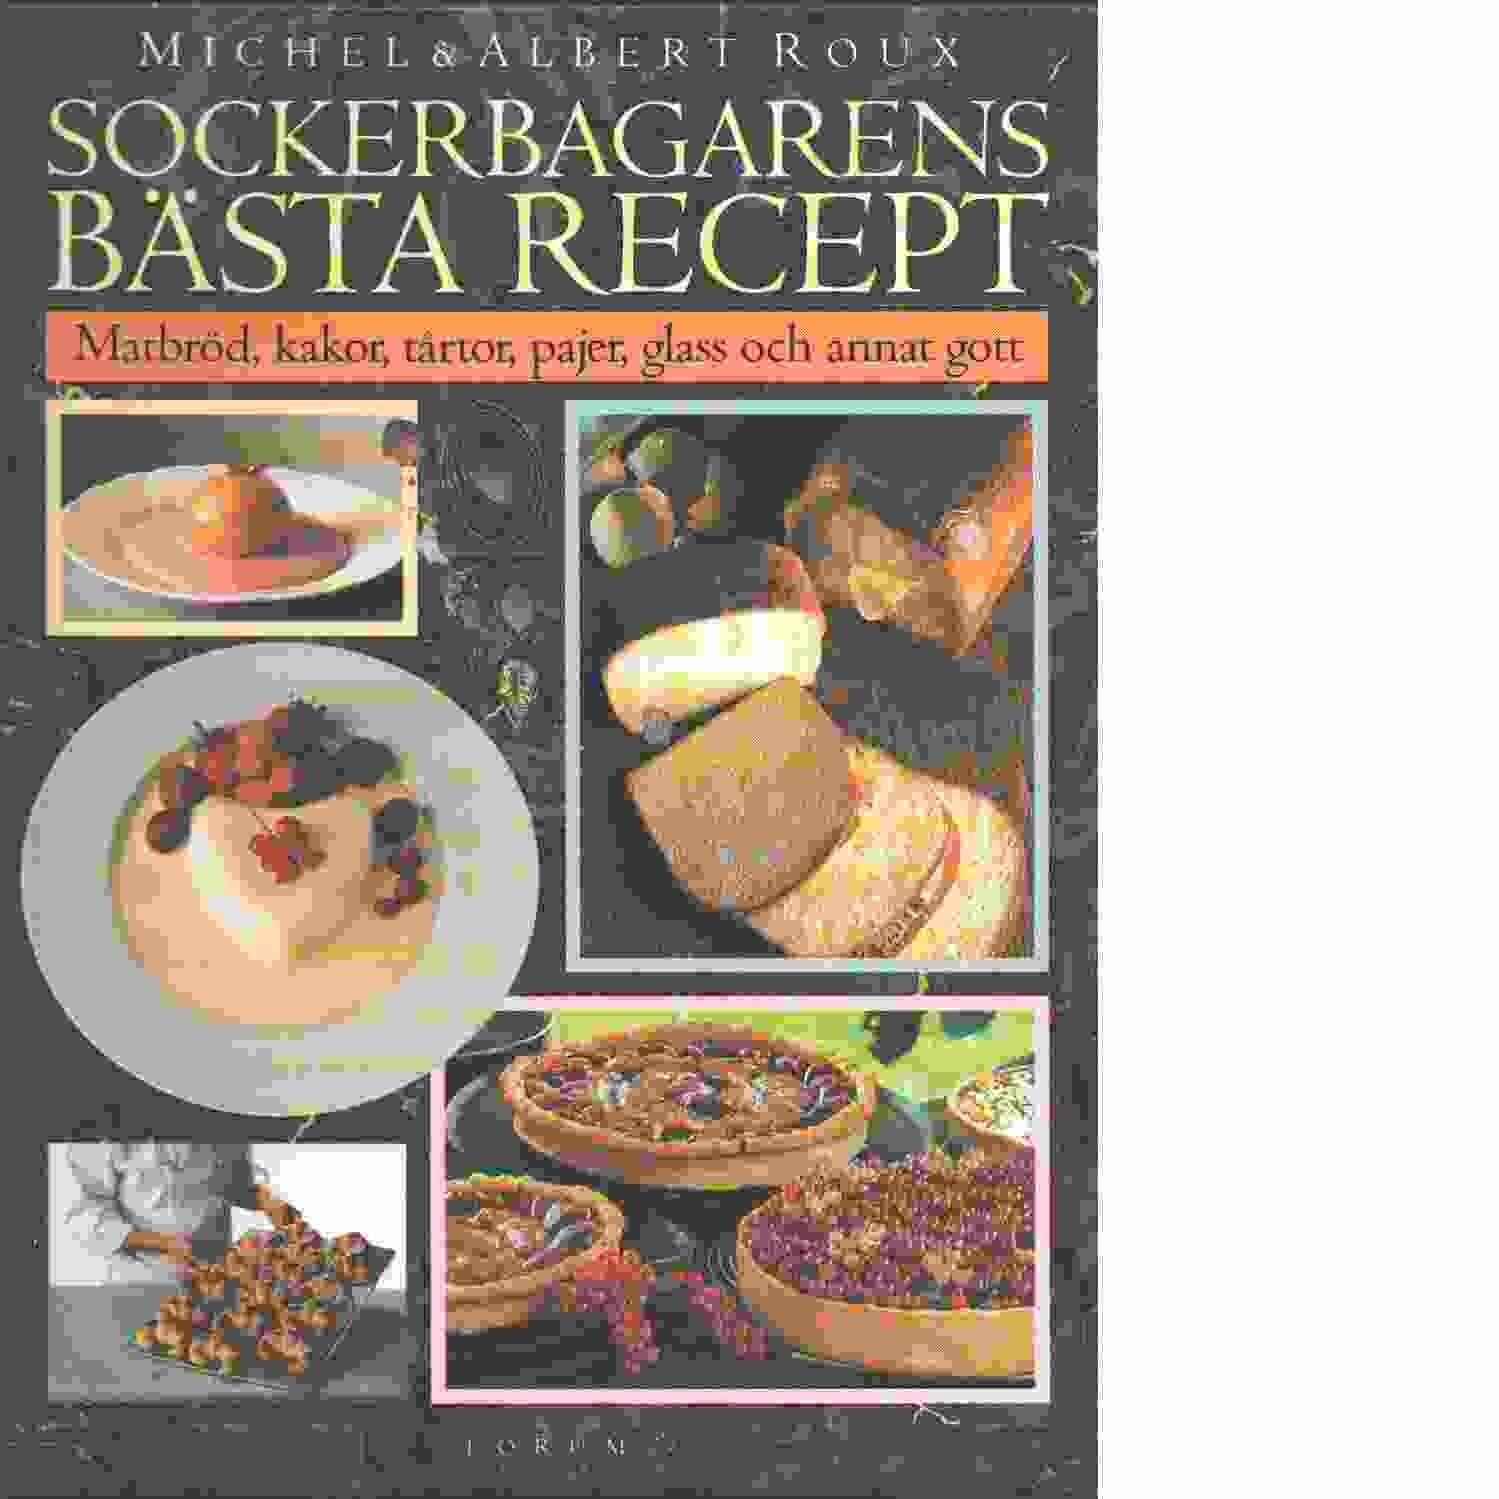 Sockerbagarens bästa recept : [matbröd, kakor, tårtor, pajer, glass och annat gott] - Roux, Michel och Roux, Albert